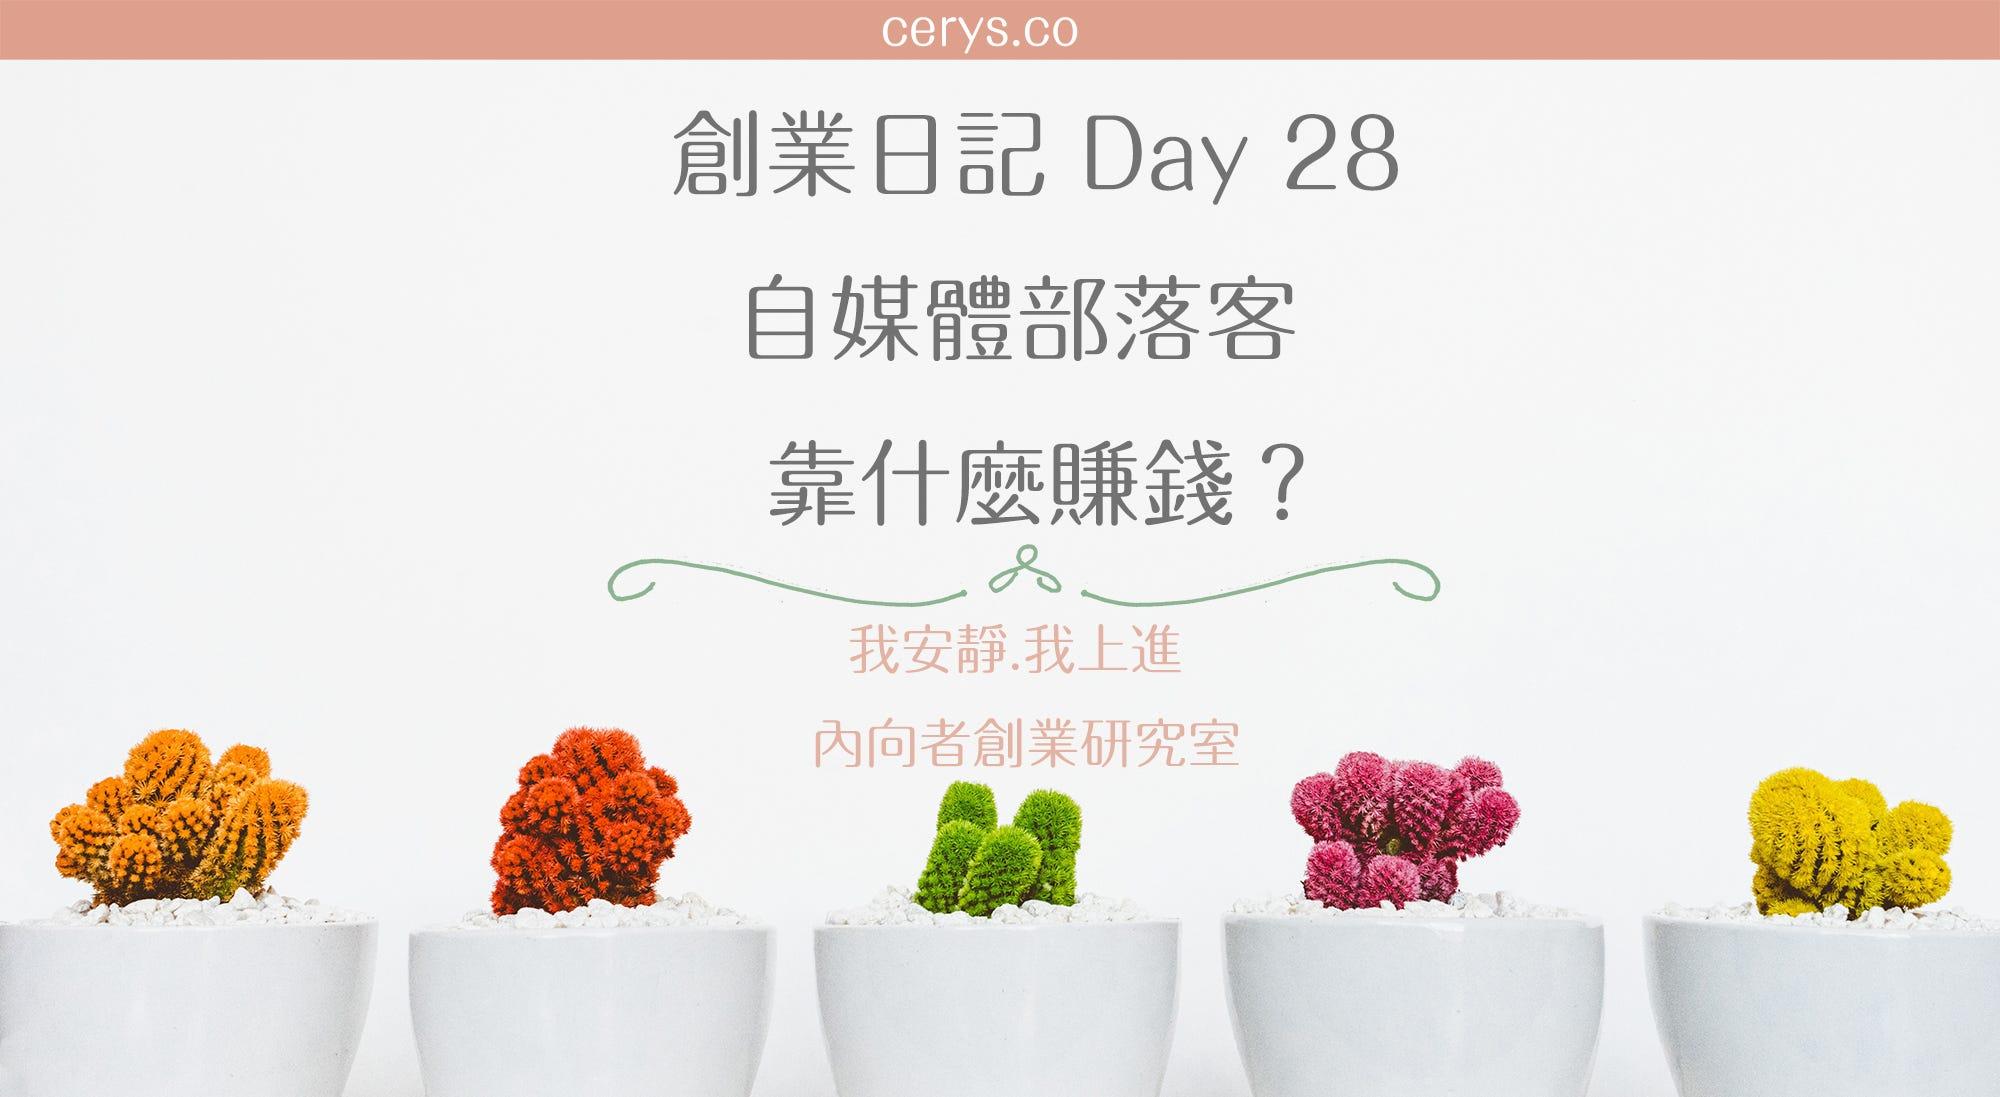 [創業日記Day 28] 自媒體部落客靠什麼賺錢? - 我在家。我創業 - Medium